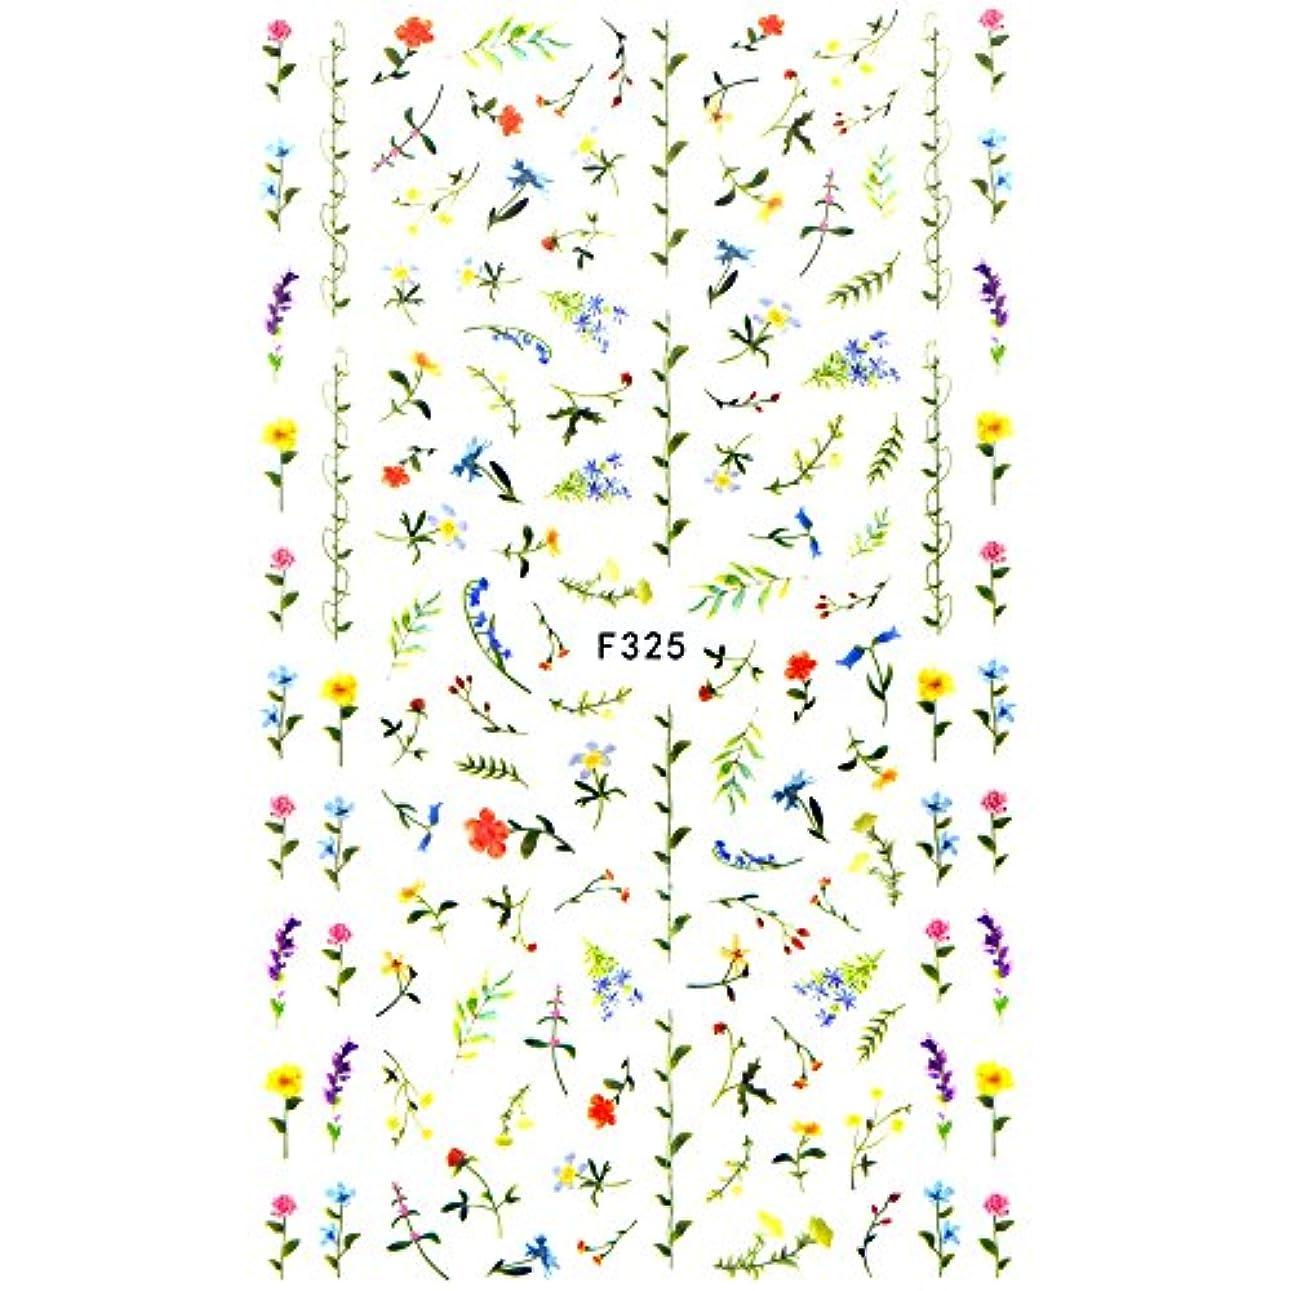 クーポンバース遺体安置所【F325】 一輪花シール 花 フラワー ボタニカル 一輪花 花 花束 花畑 ネイルシール